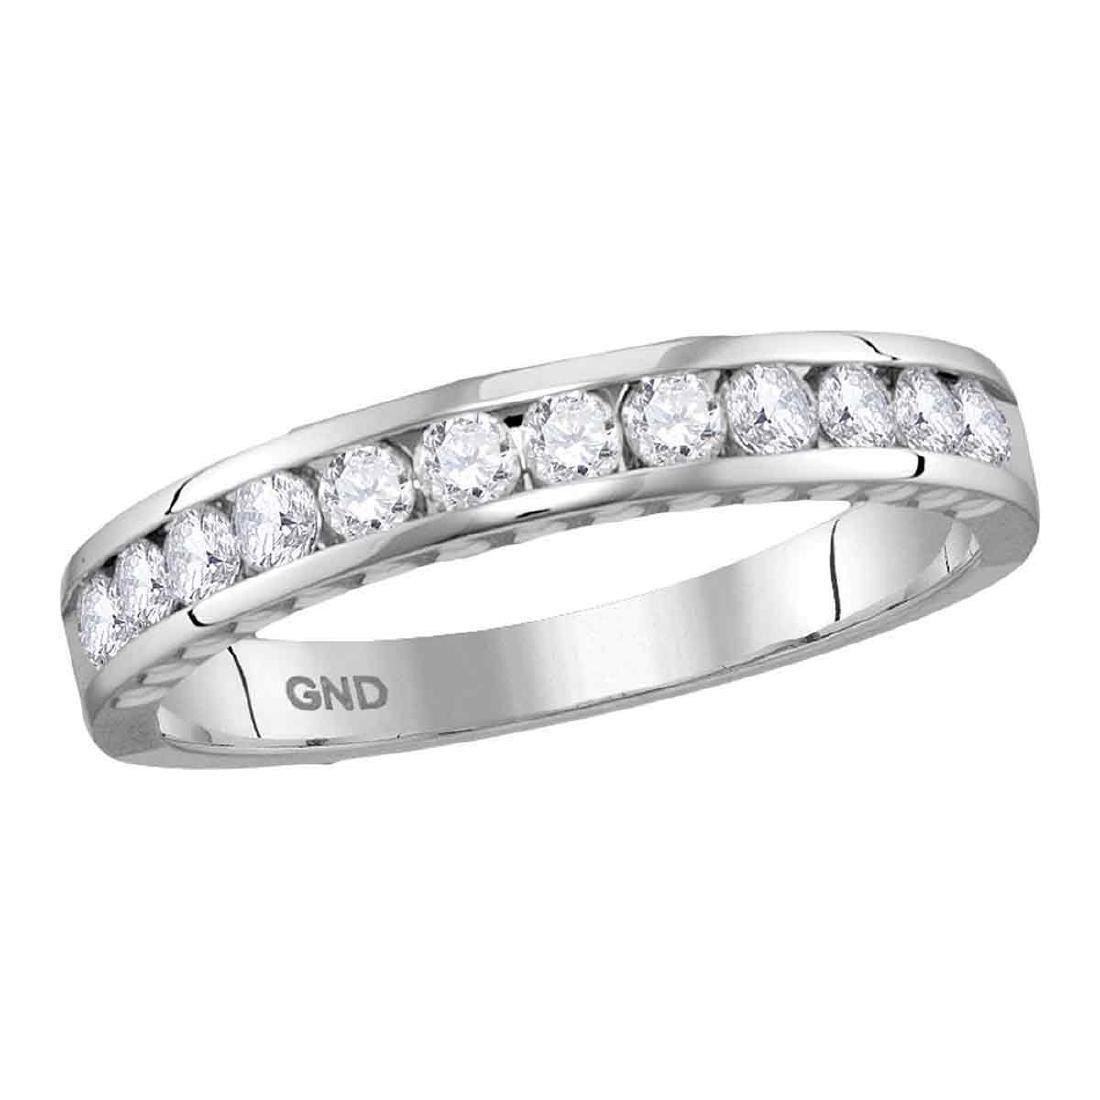 0.50 CTW Diamond Wedding Anniversary Ring 14KT White